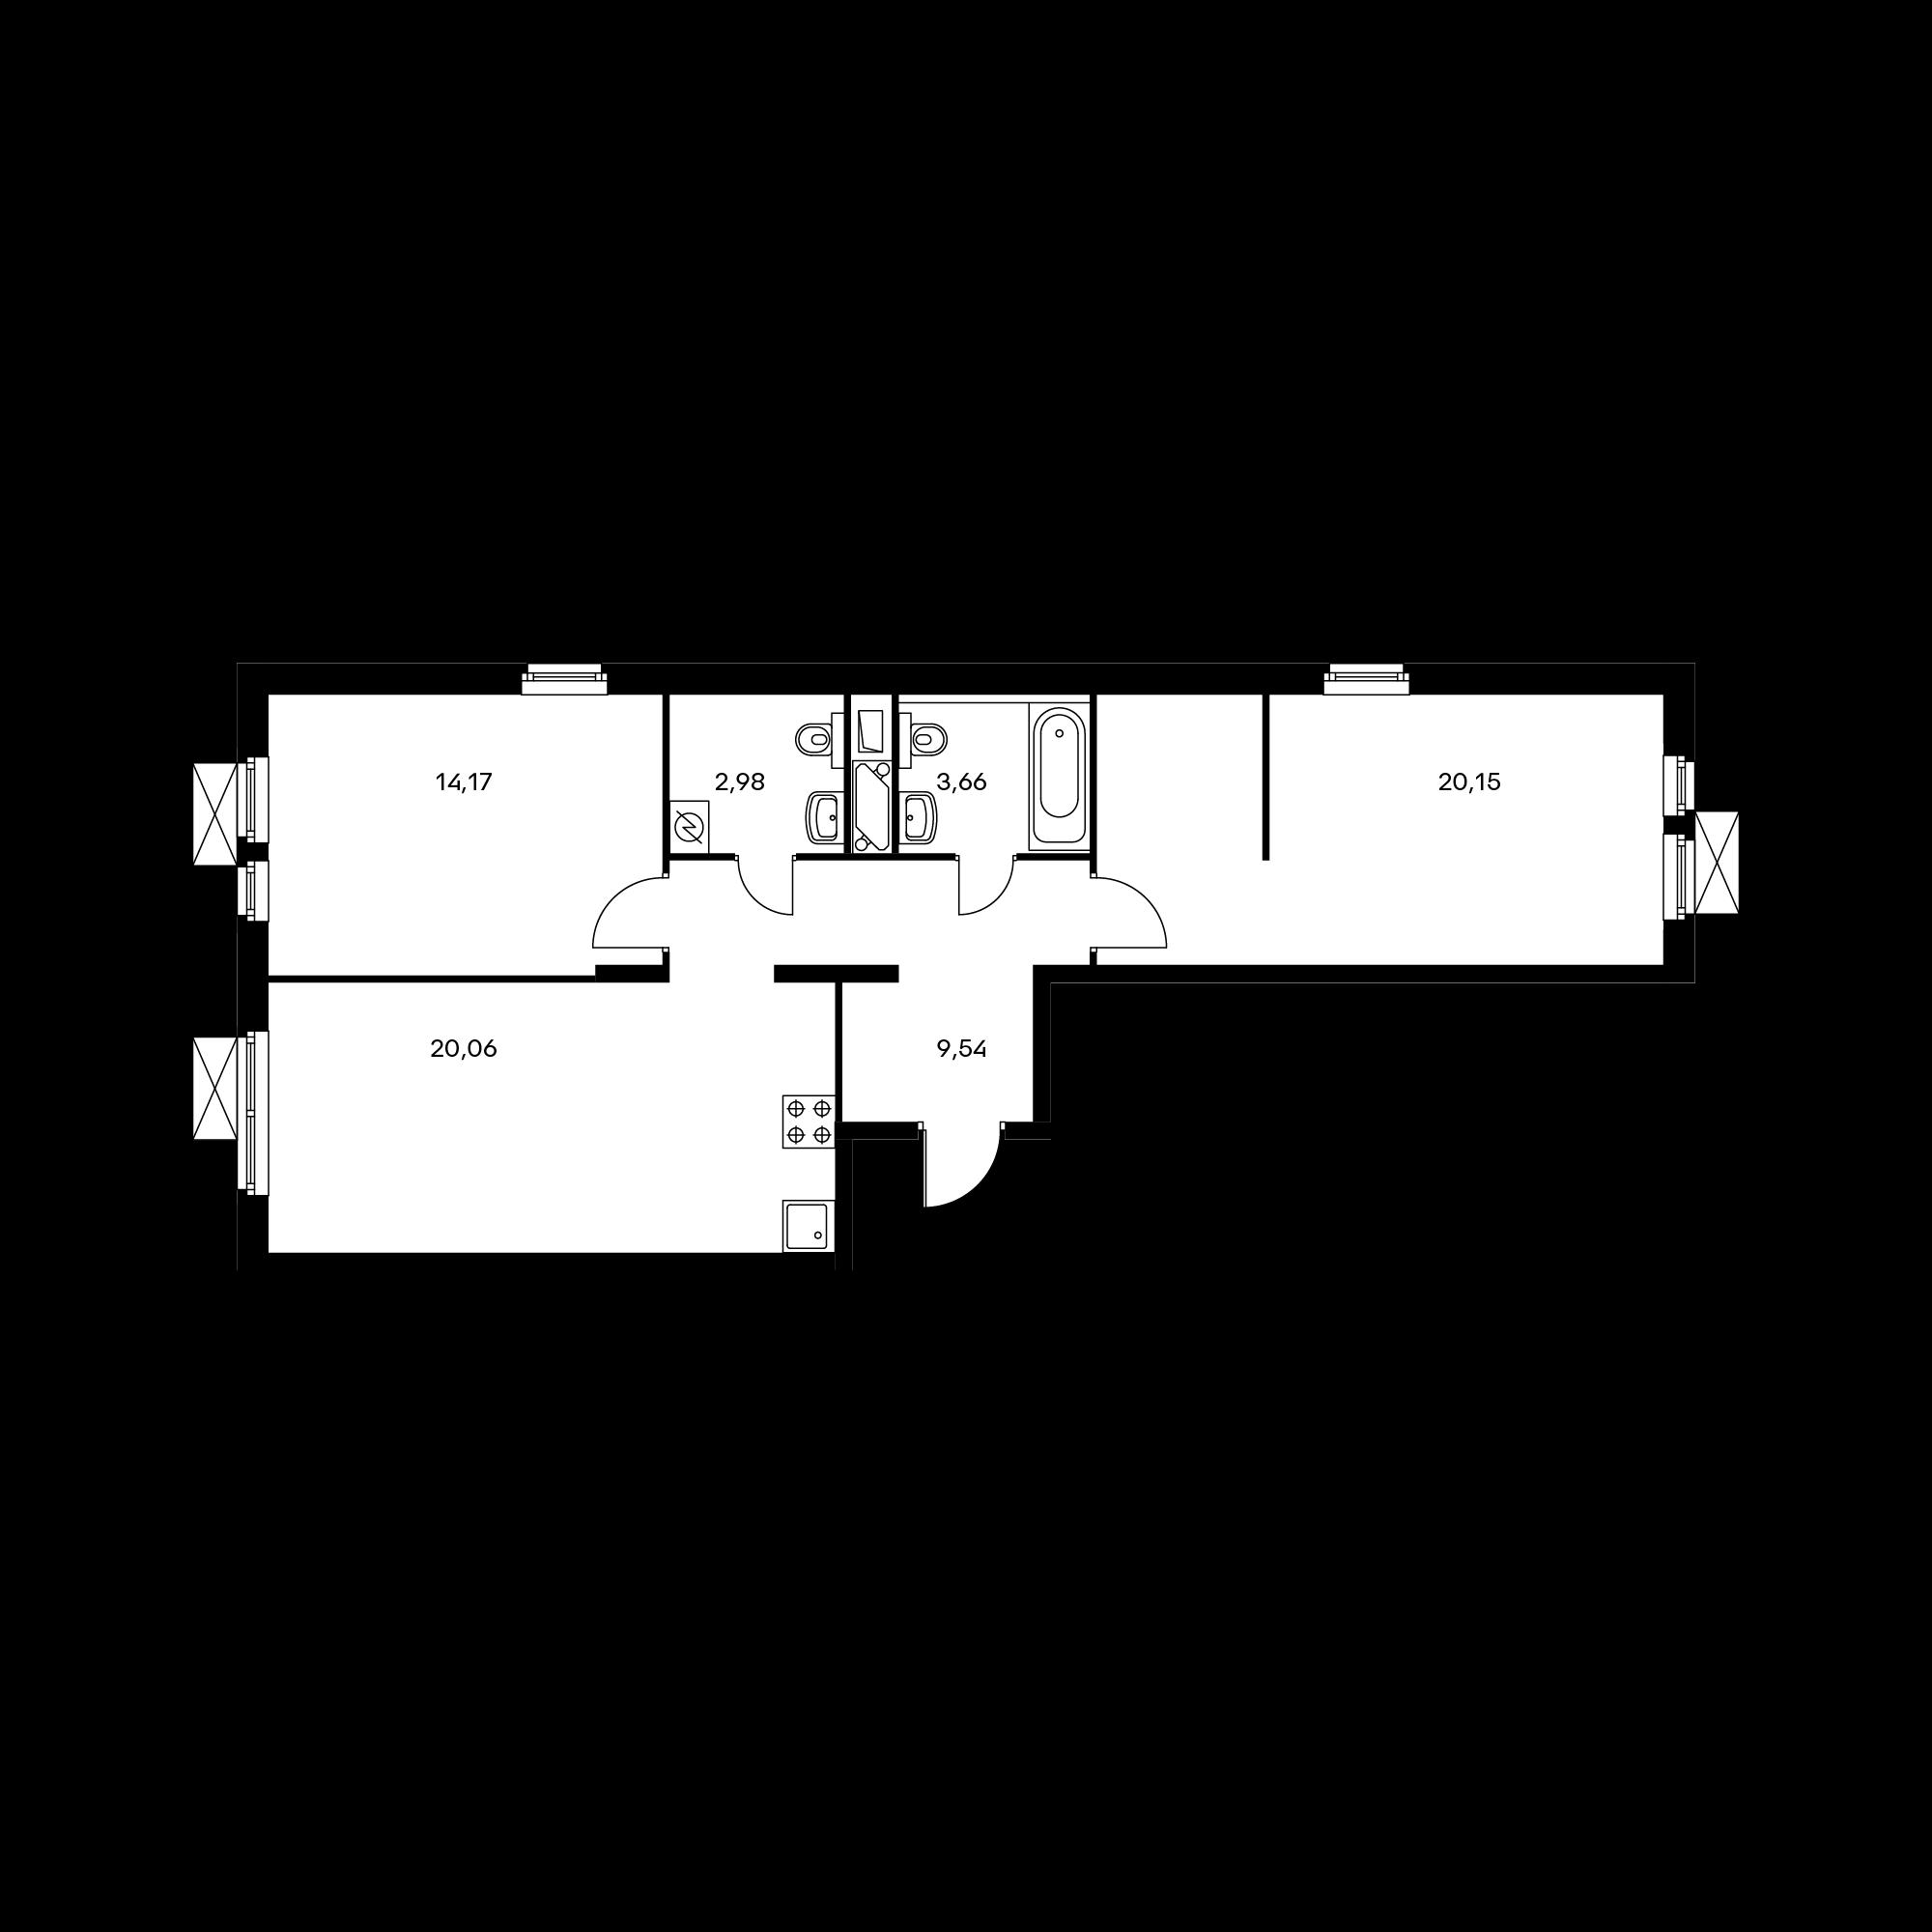 2EL1_6.6_T1